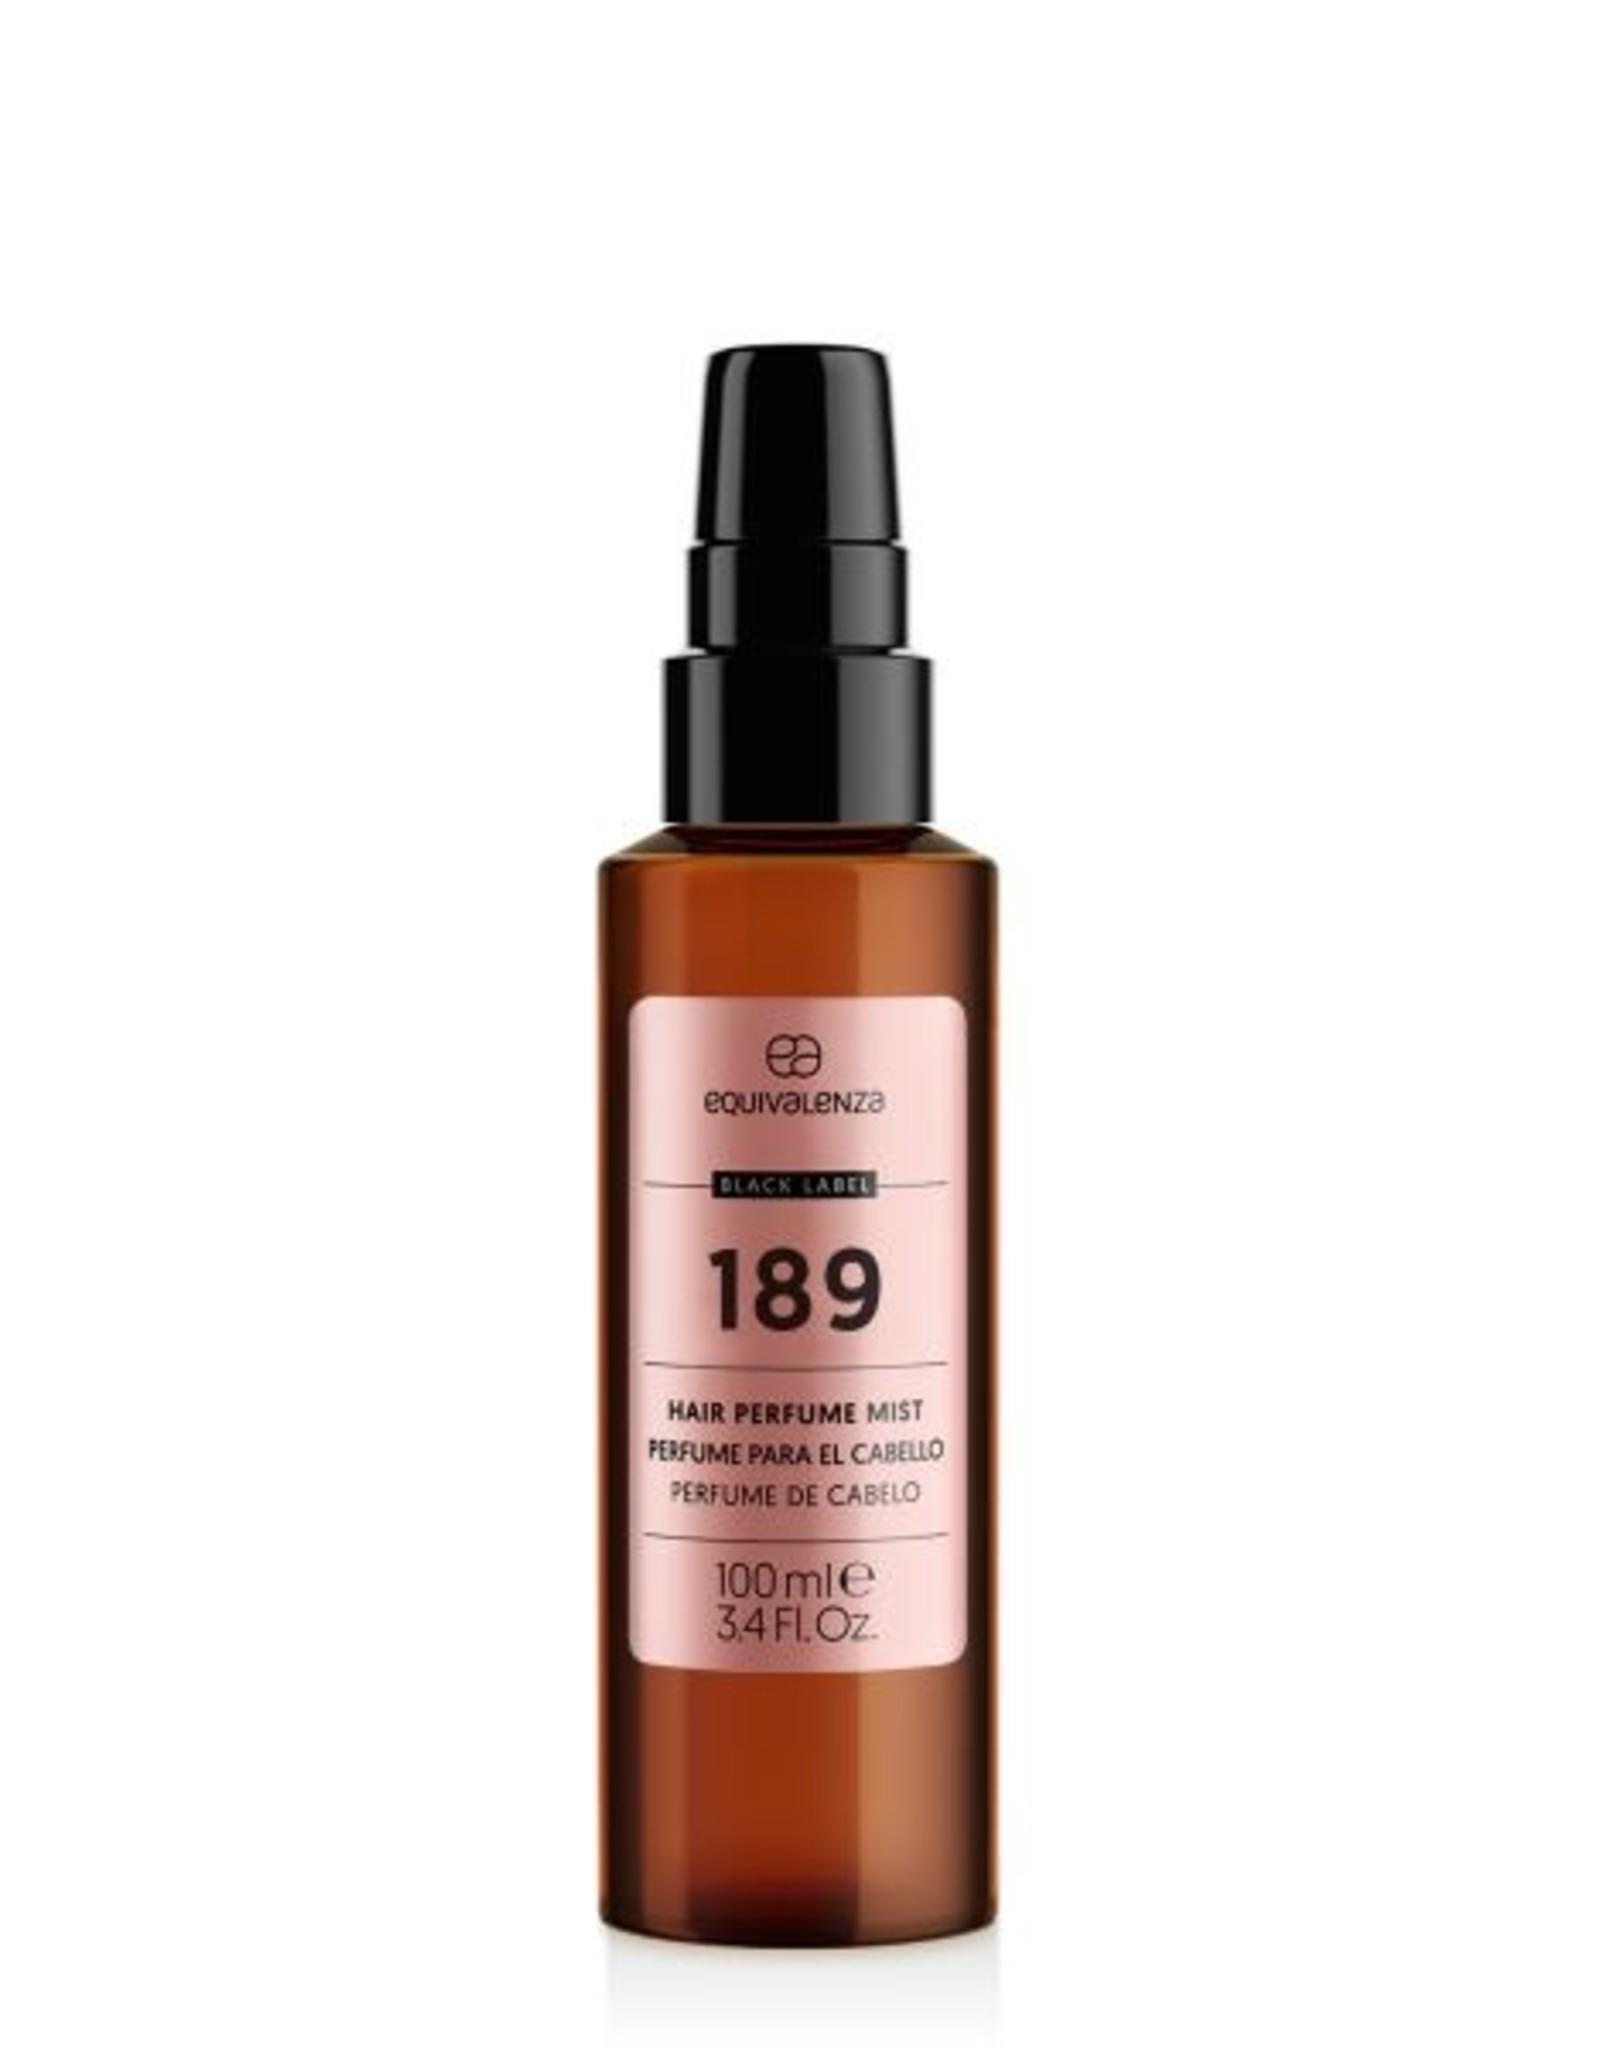 Equivalenza Parfum pour Cheveux Black Label 189